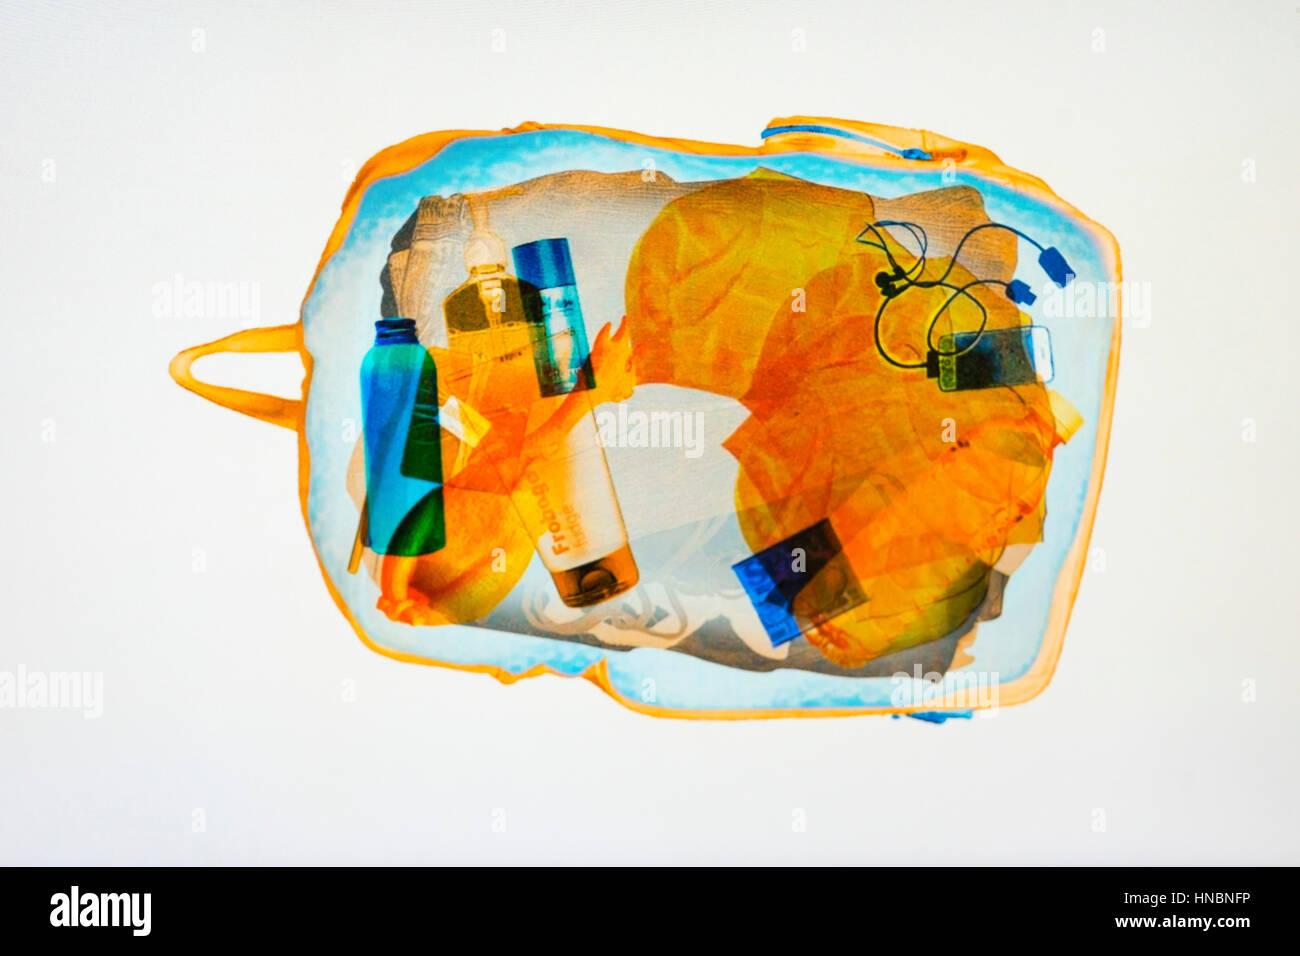 Bag under x ray machine - Stock Image